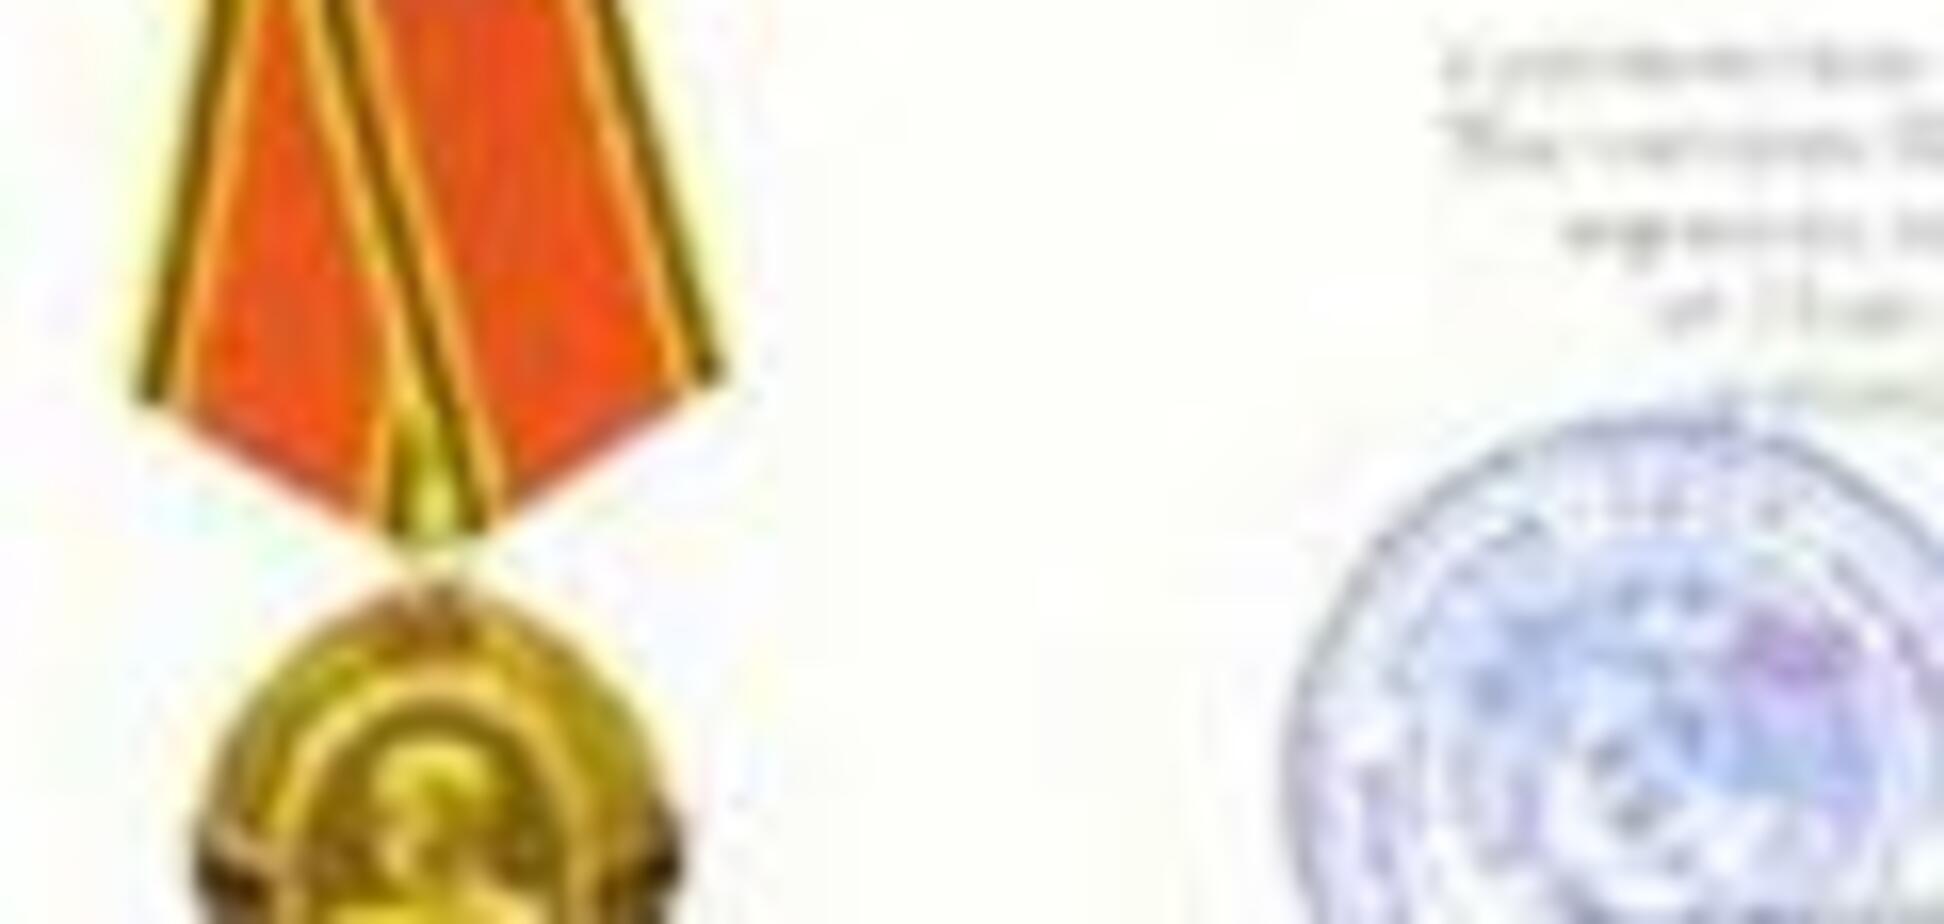 Ветеранів у Одесі нагородили липовими 'сталінськими' орденами